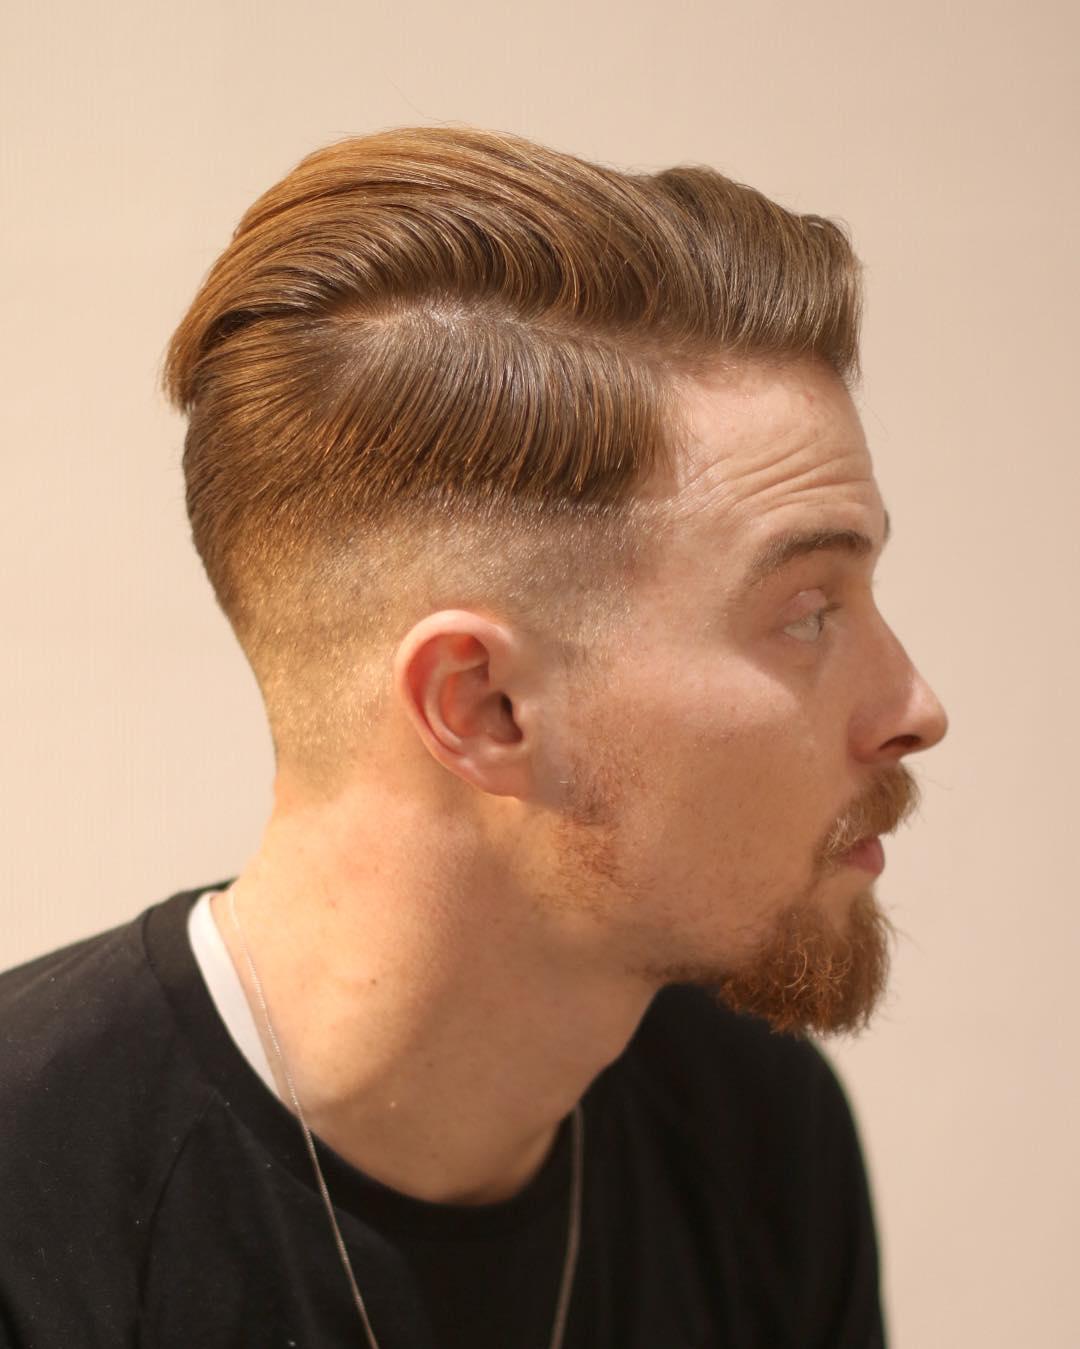 100 coupes de cheveux les plus populaires pour les hommes pour 2020 5f3f75ff85840 - 100+ coupes de cheveux les plus populaires pour les hommes pour 2020